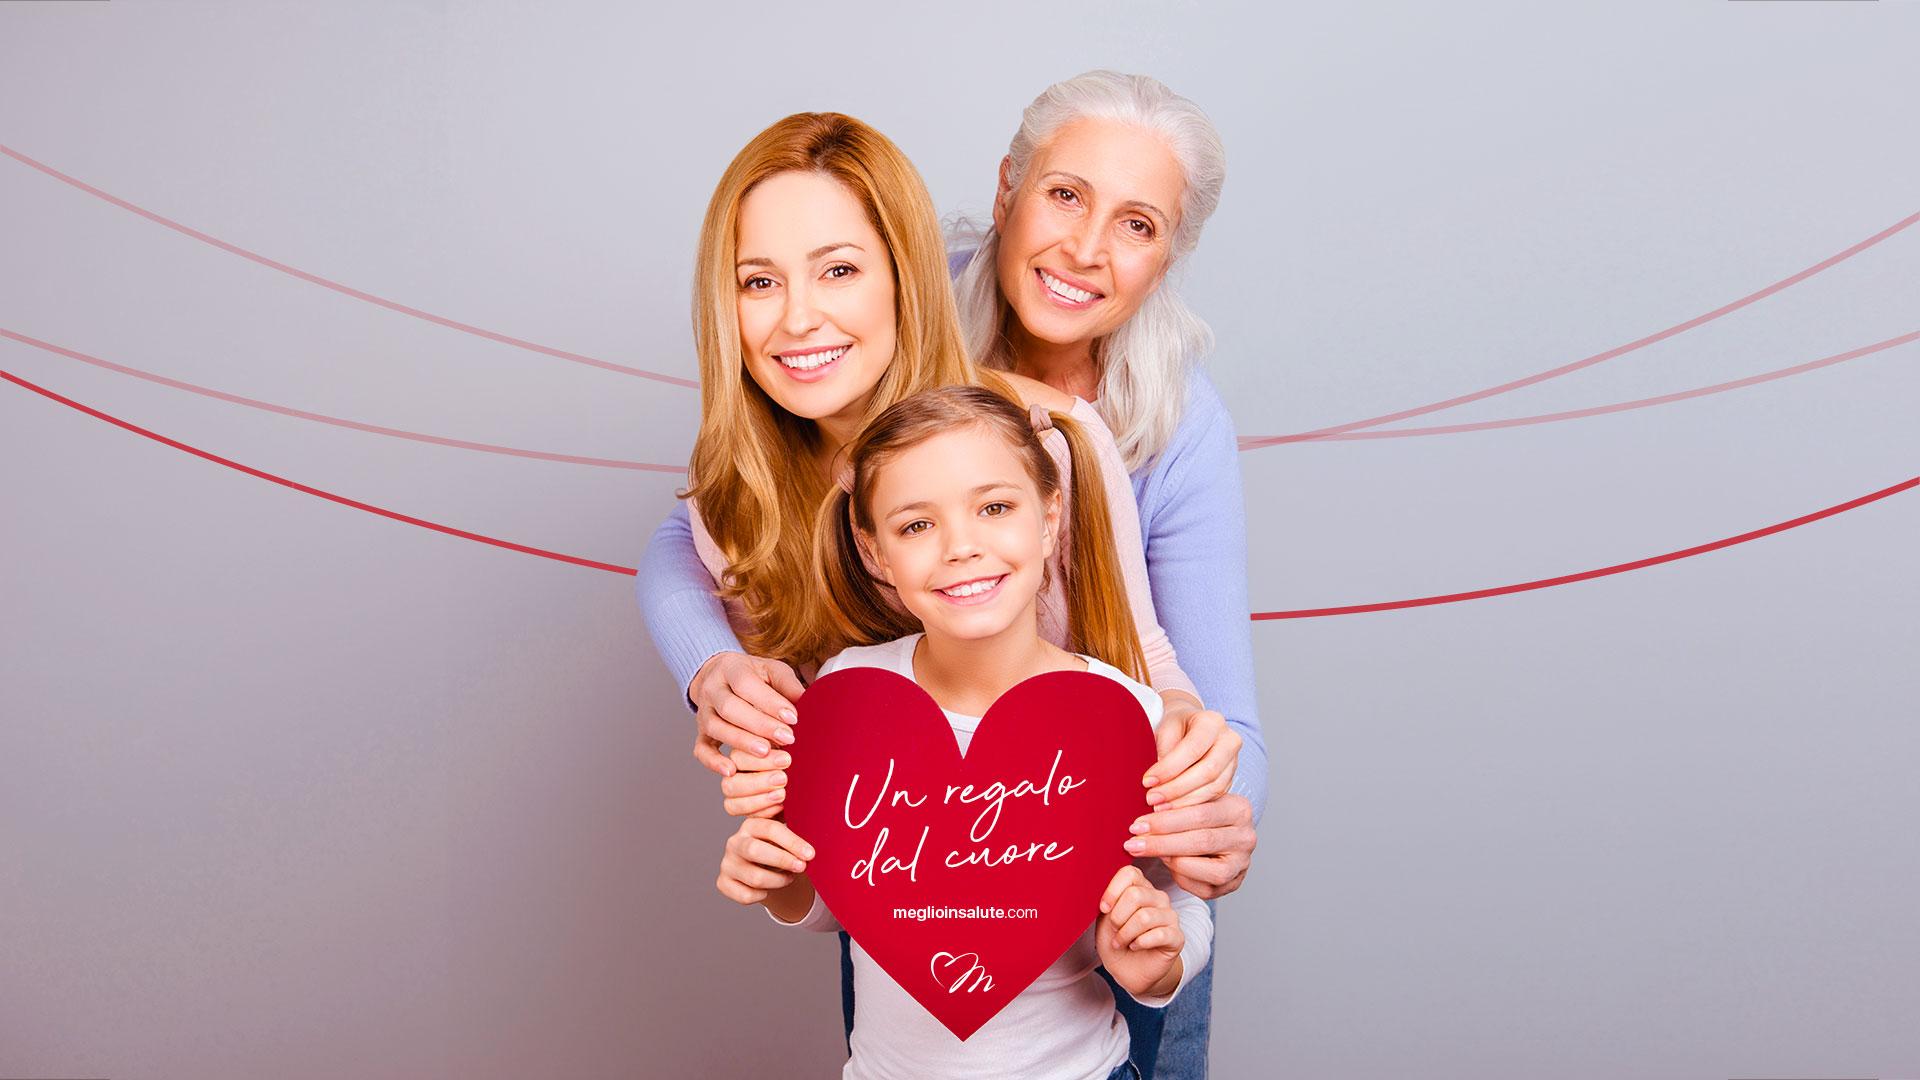 buono-regalo-cuore-meglio-in-salute